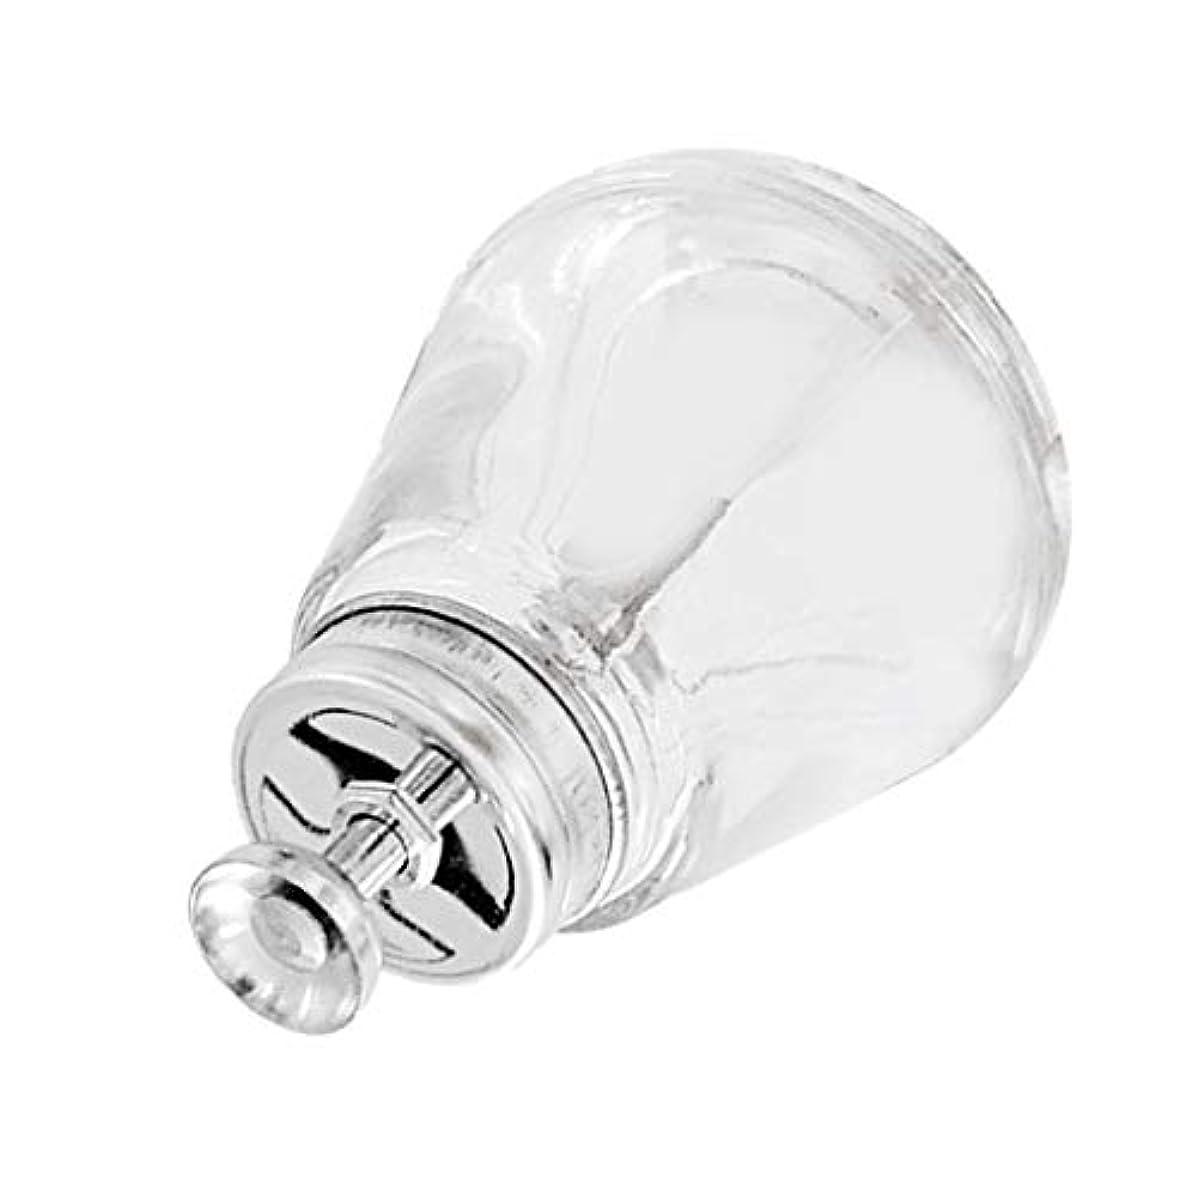 モック雑品フライカイトネイルアートツールボトル ガラス瓶 150mL 蓋付き マニキュアリム用 ネイルケア 空ポンプボトル